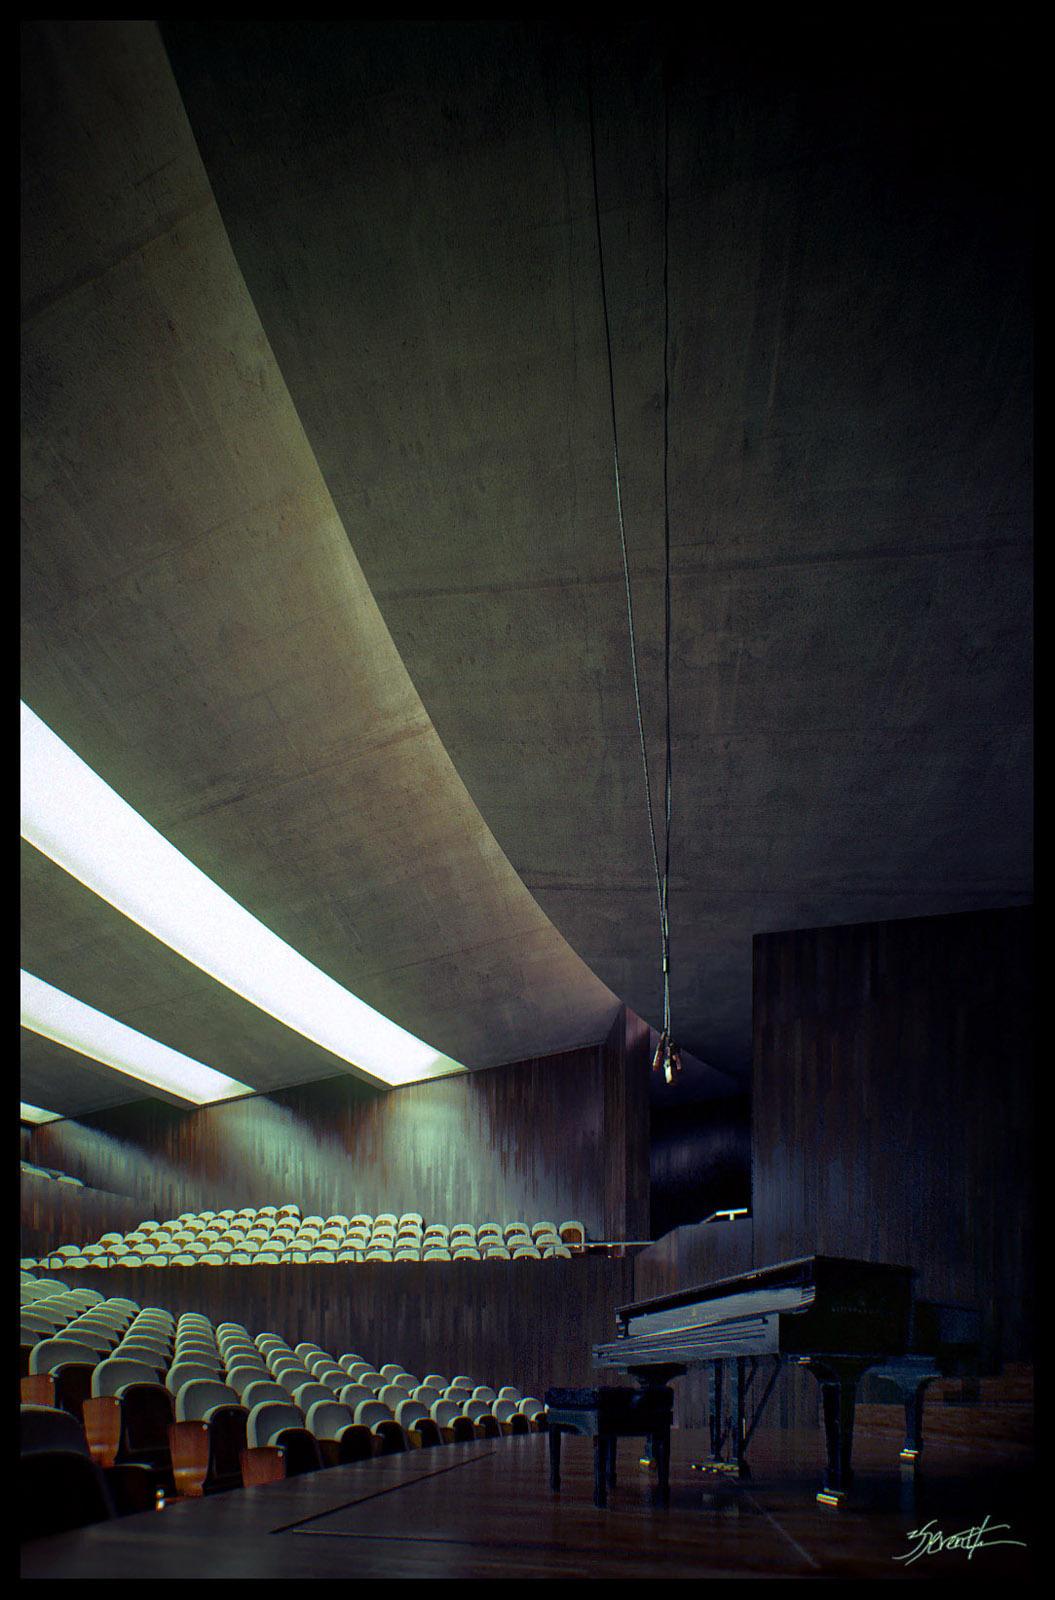 Thirdseventh bcn auditorium 1 a42a7841 al41